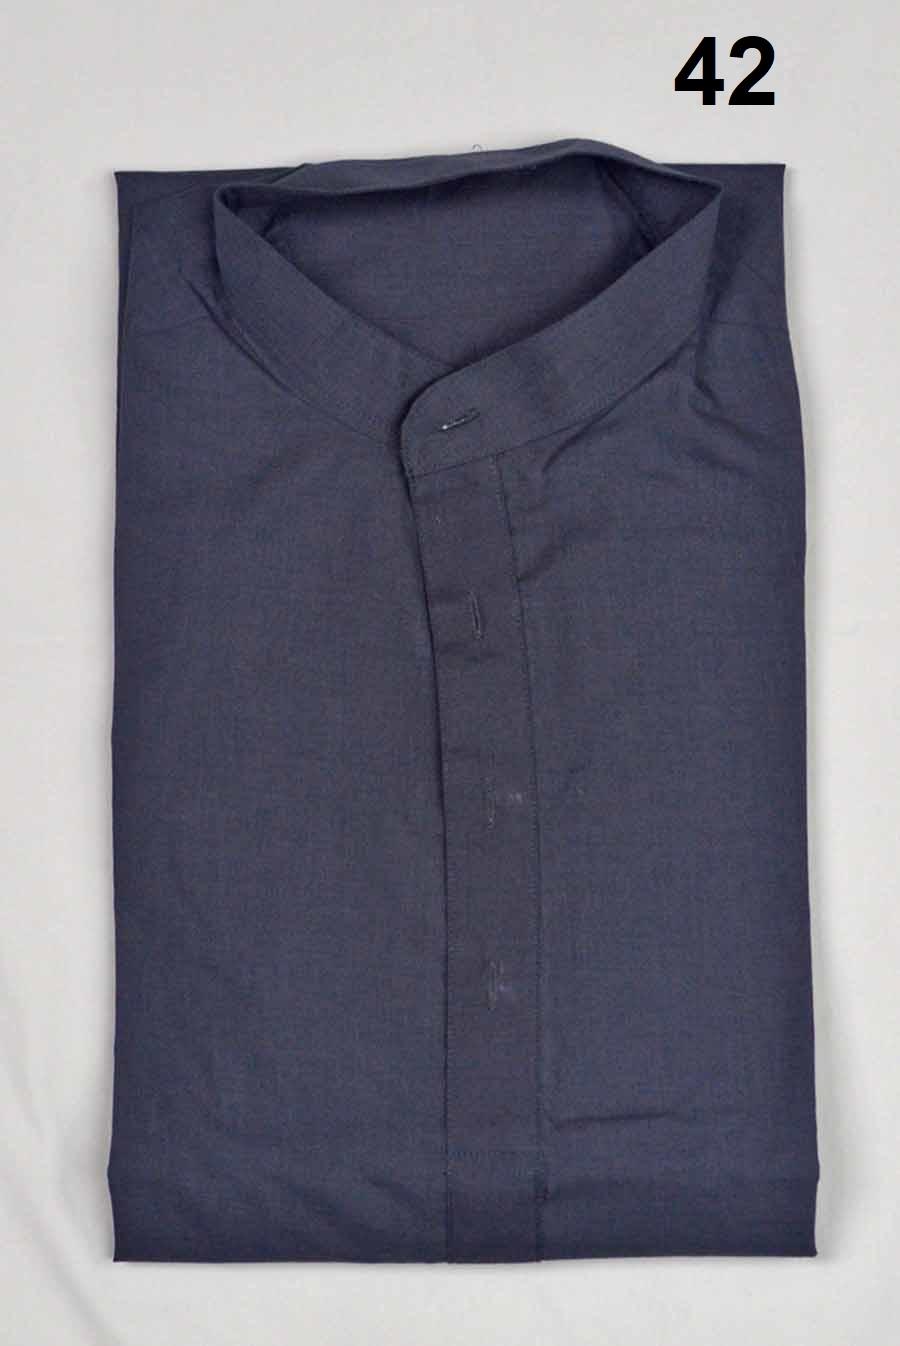 Cotton Kurta 9148 - 42